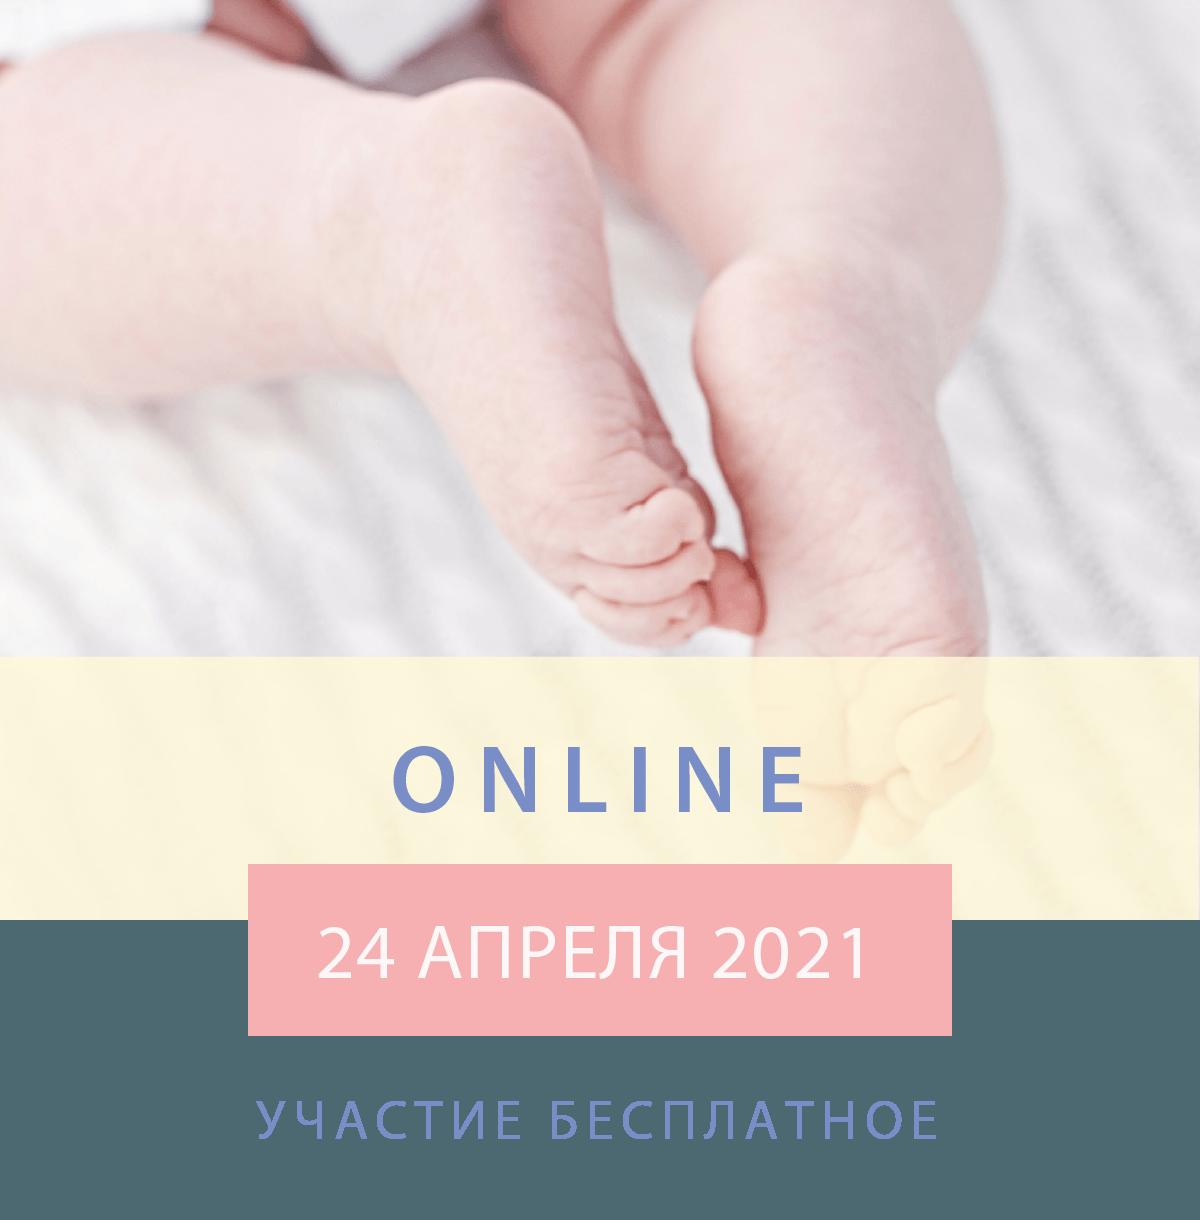 Современные подходы к репродуктивным технологиям Онлайн. 24.04.2021